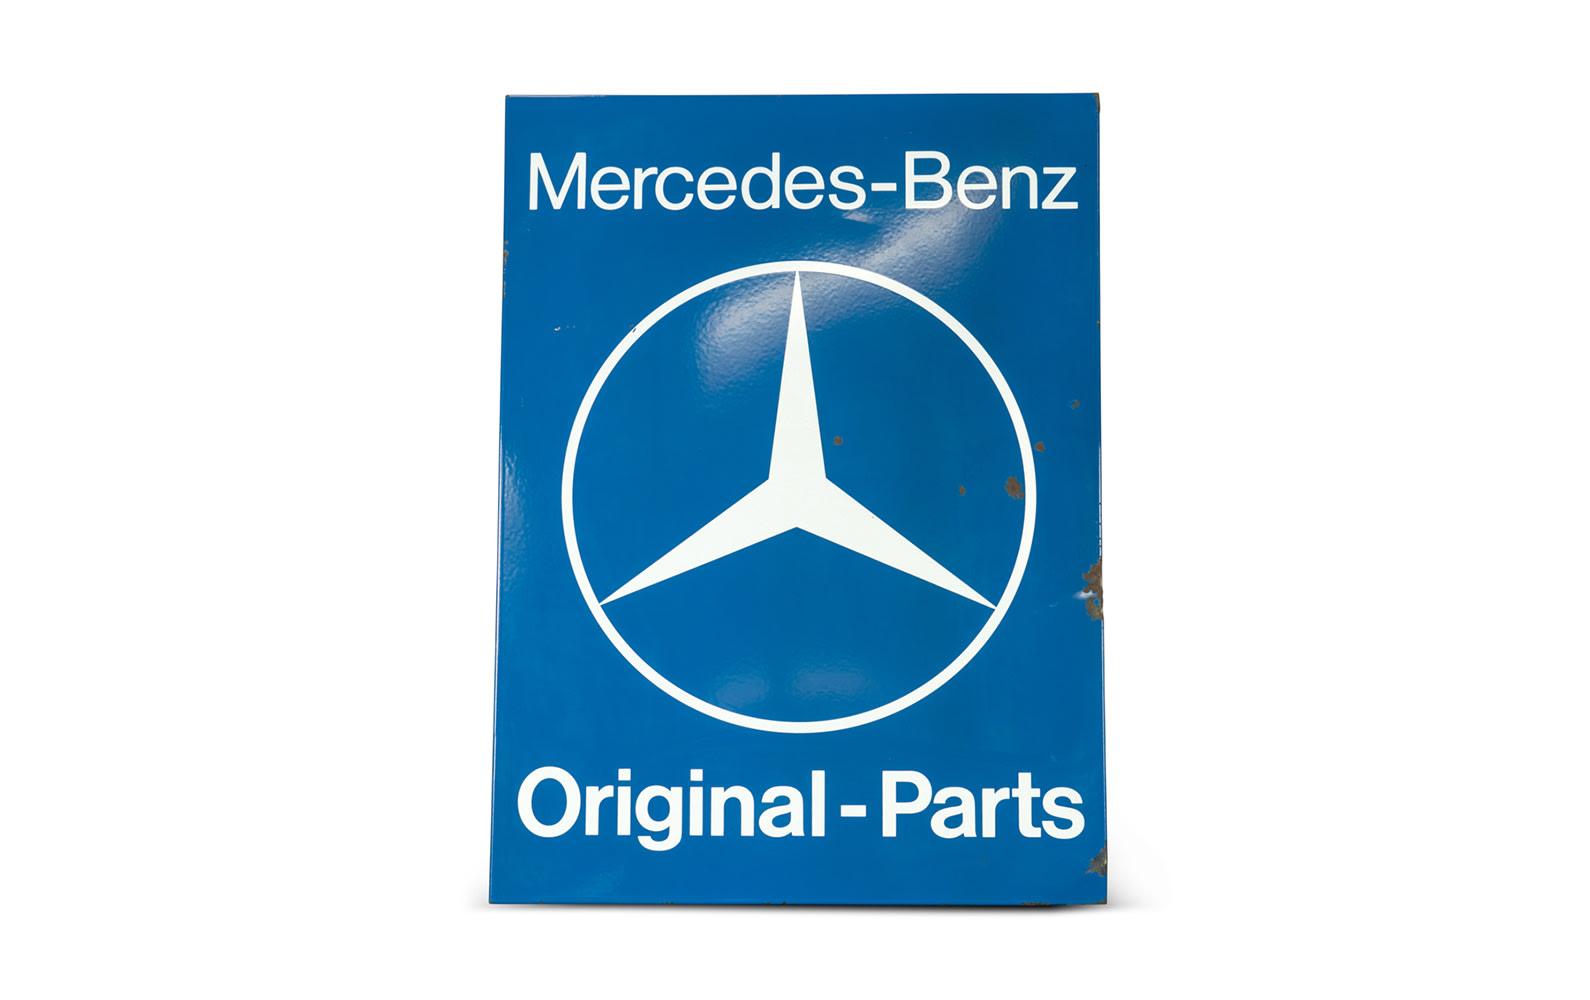 Mercedes-Benz Original-Parts Sign